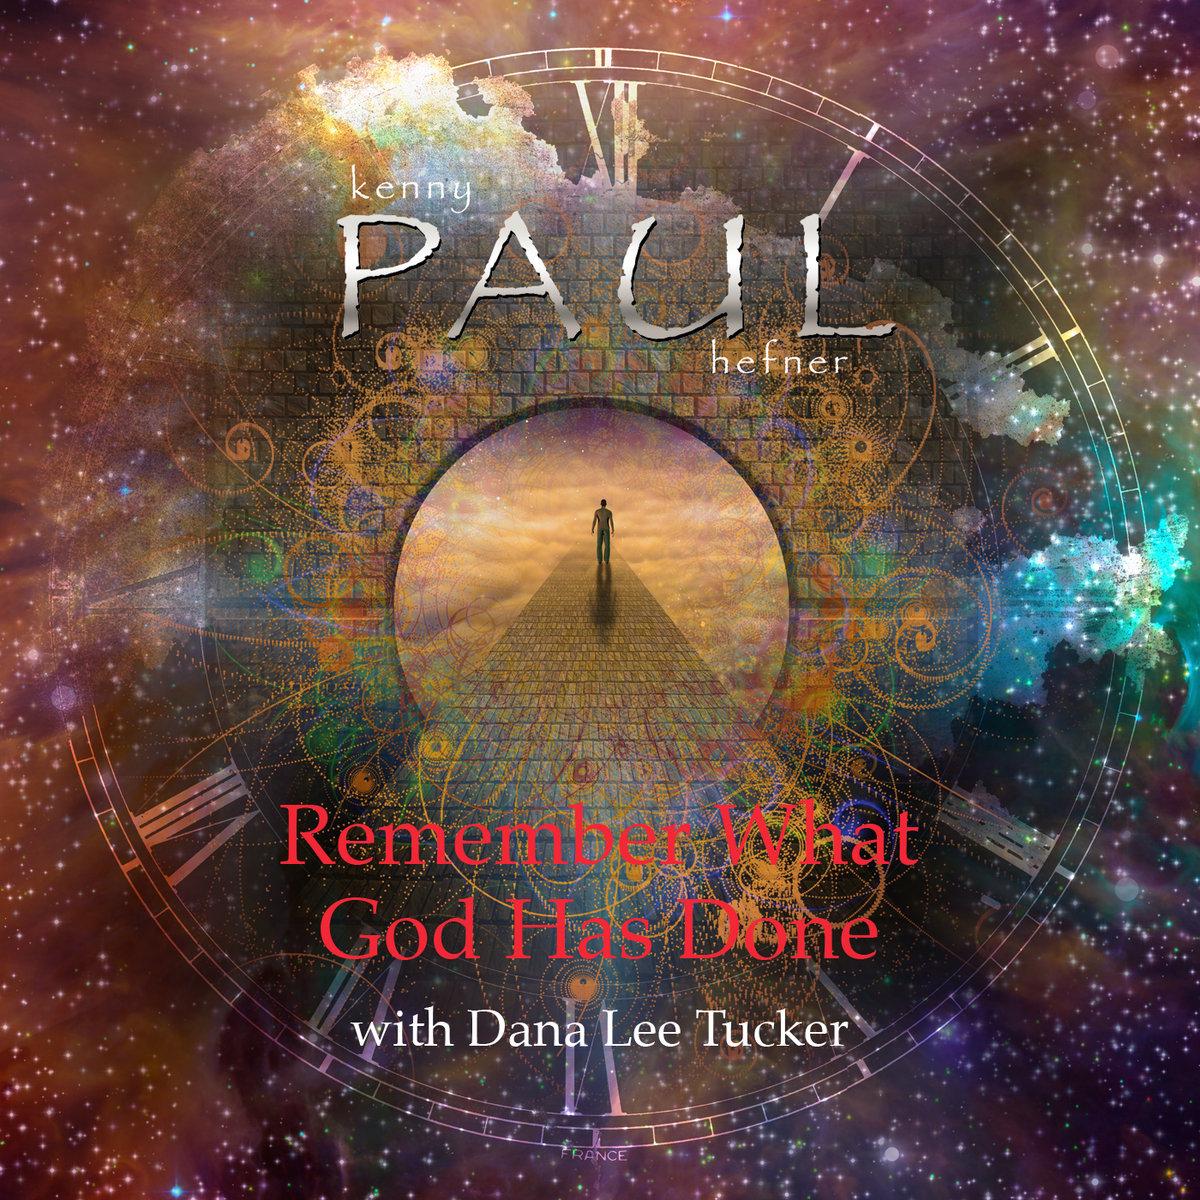 His Name Is Jesus | Kenny PAUL Hefner